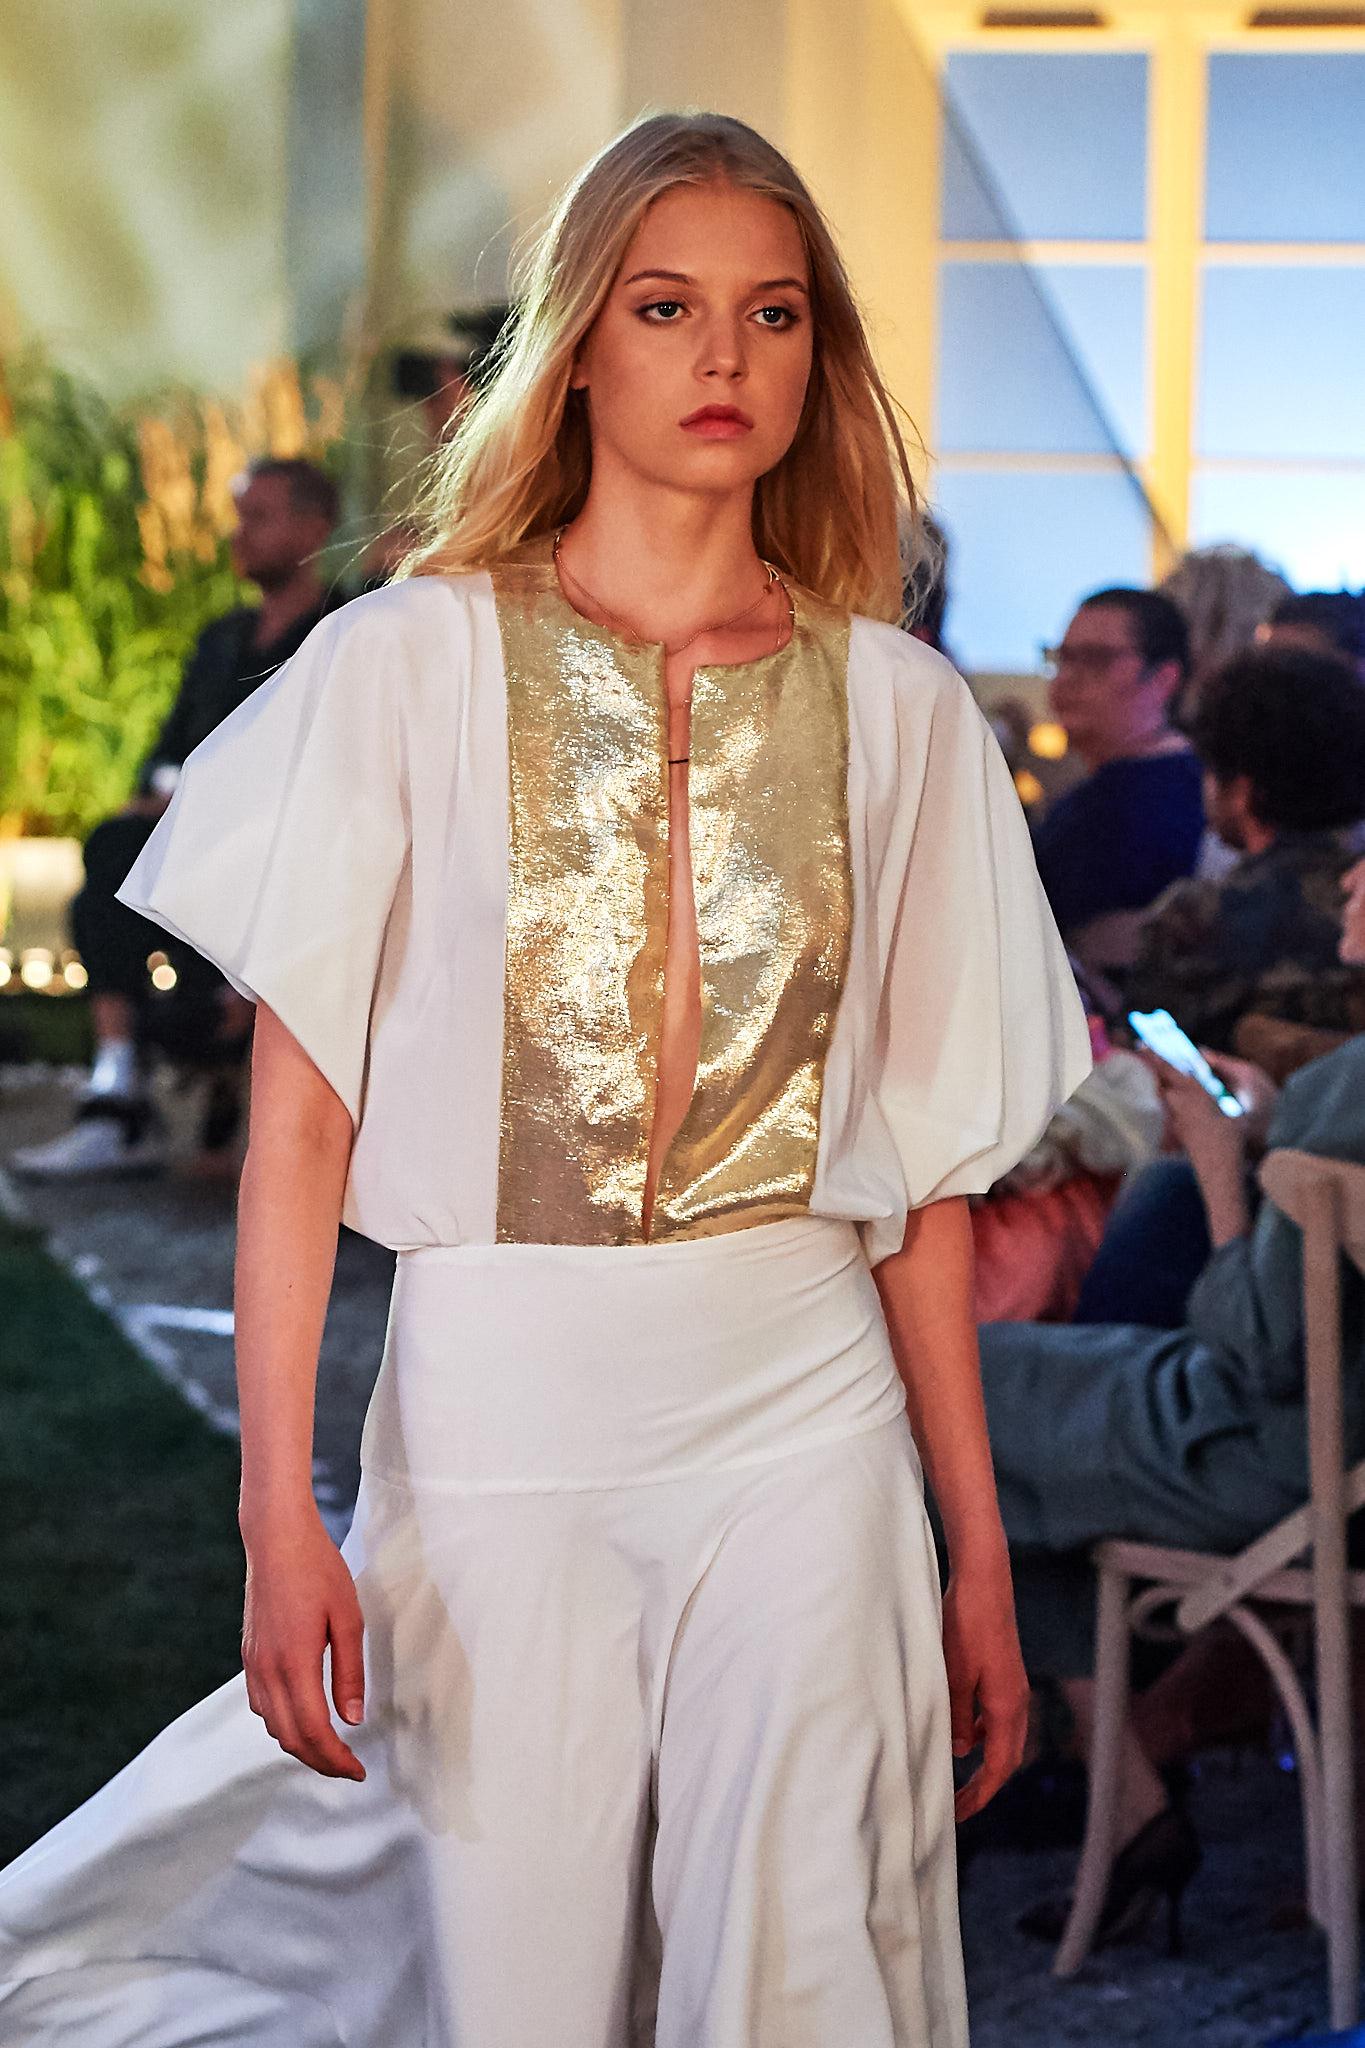 41_MMC-010719-lowres-fotFilipOkopny-FashionImages.jpg